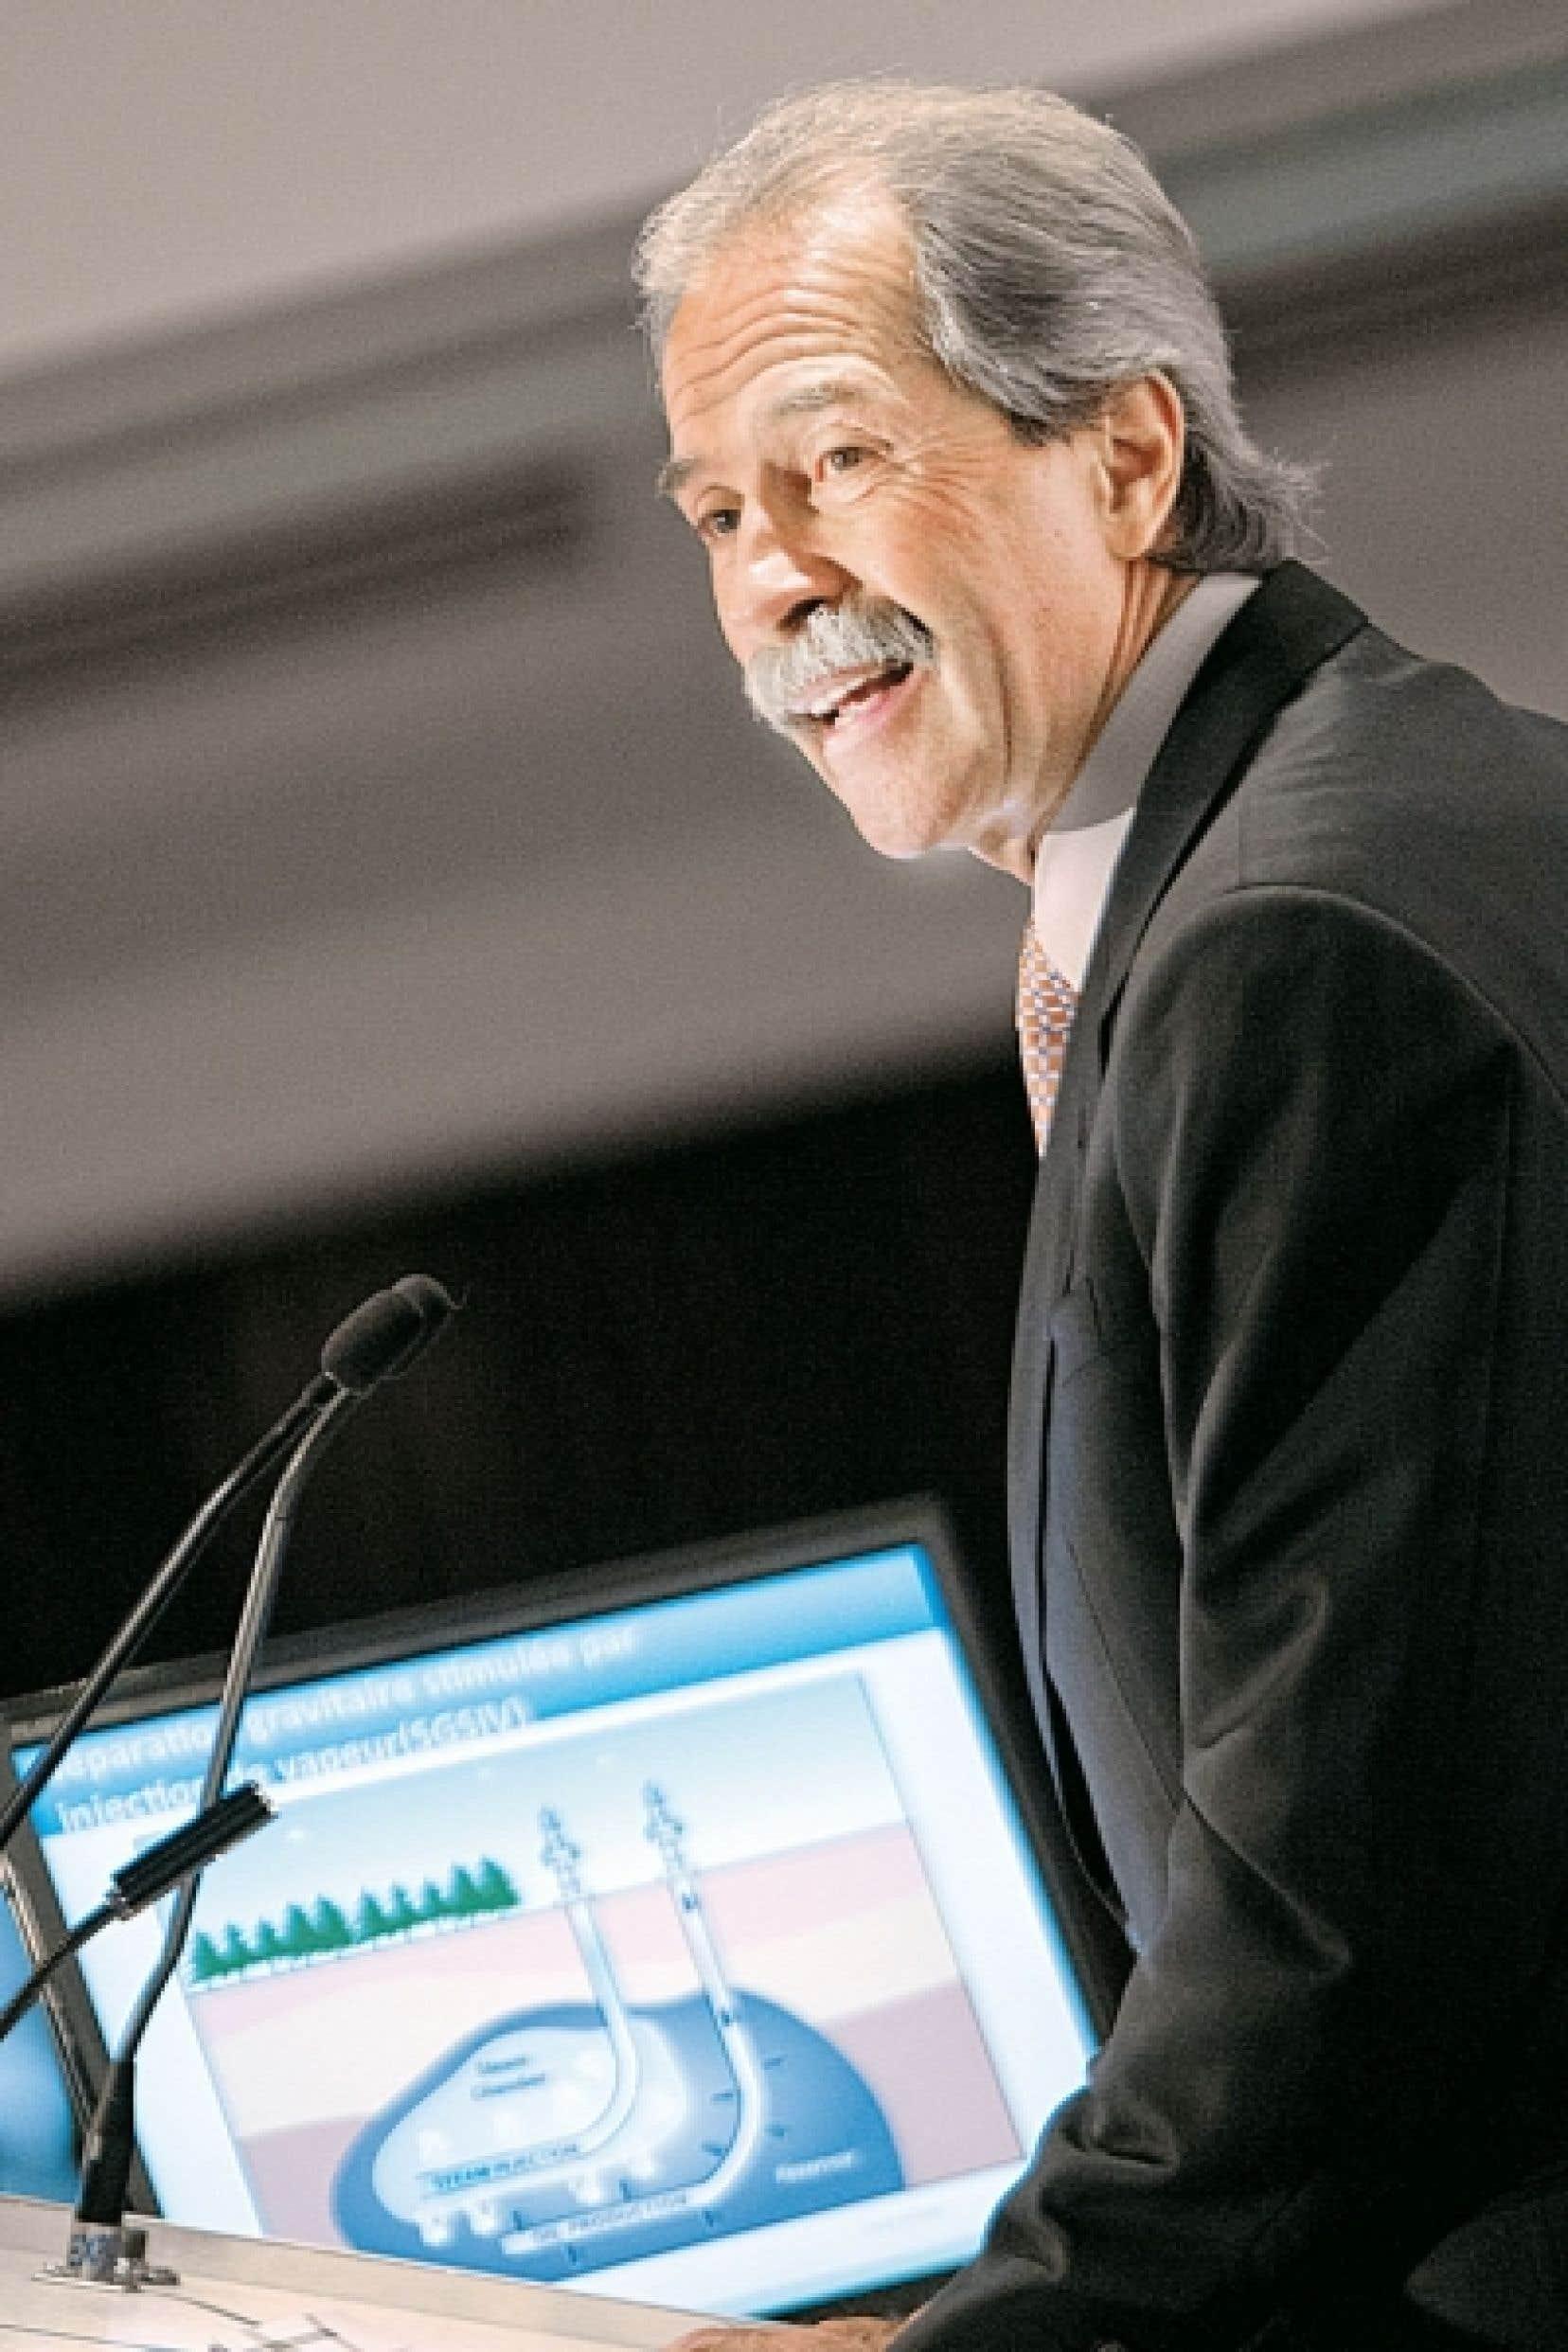 Marcel Coutu: « D'un point de vue national, je considère qu'on devrait consommer notre pétrole. »